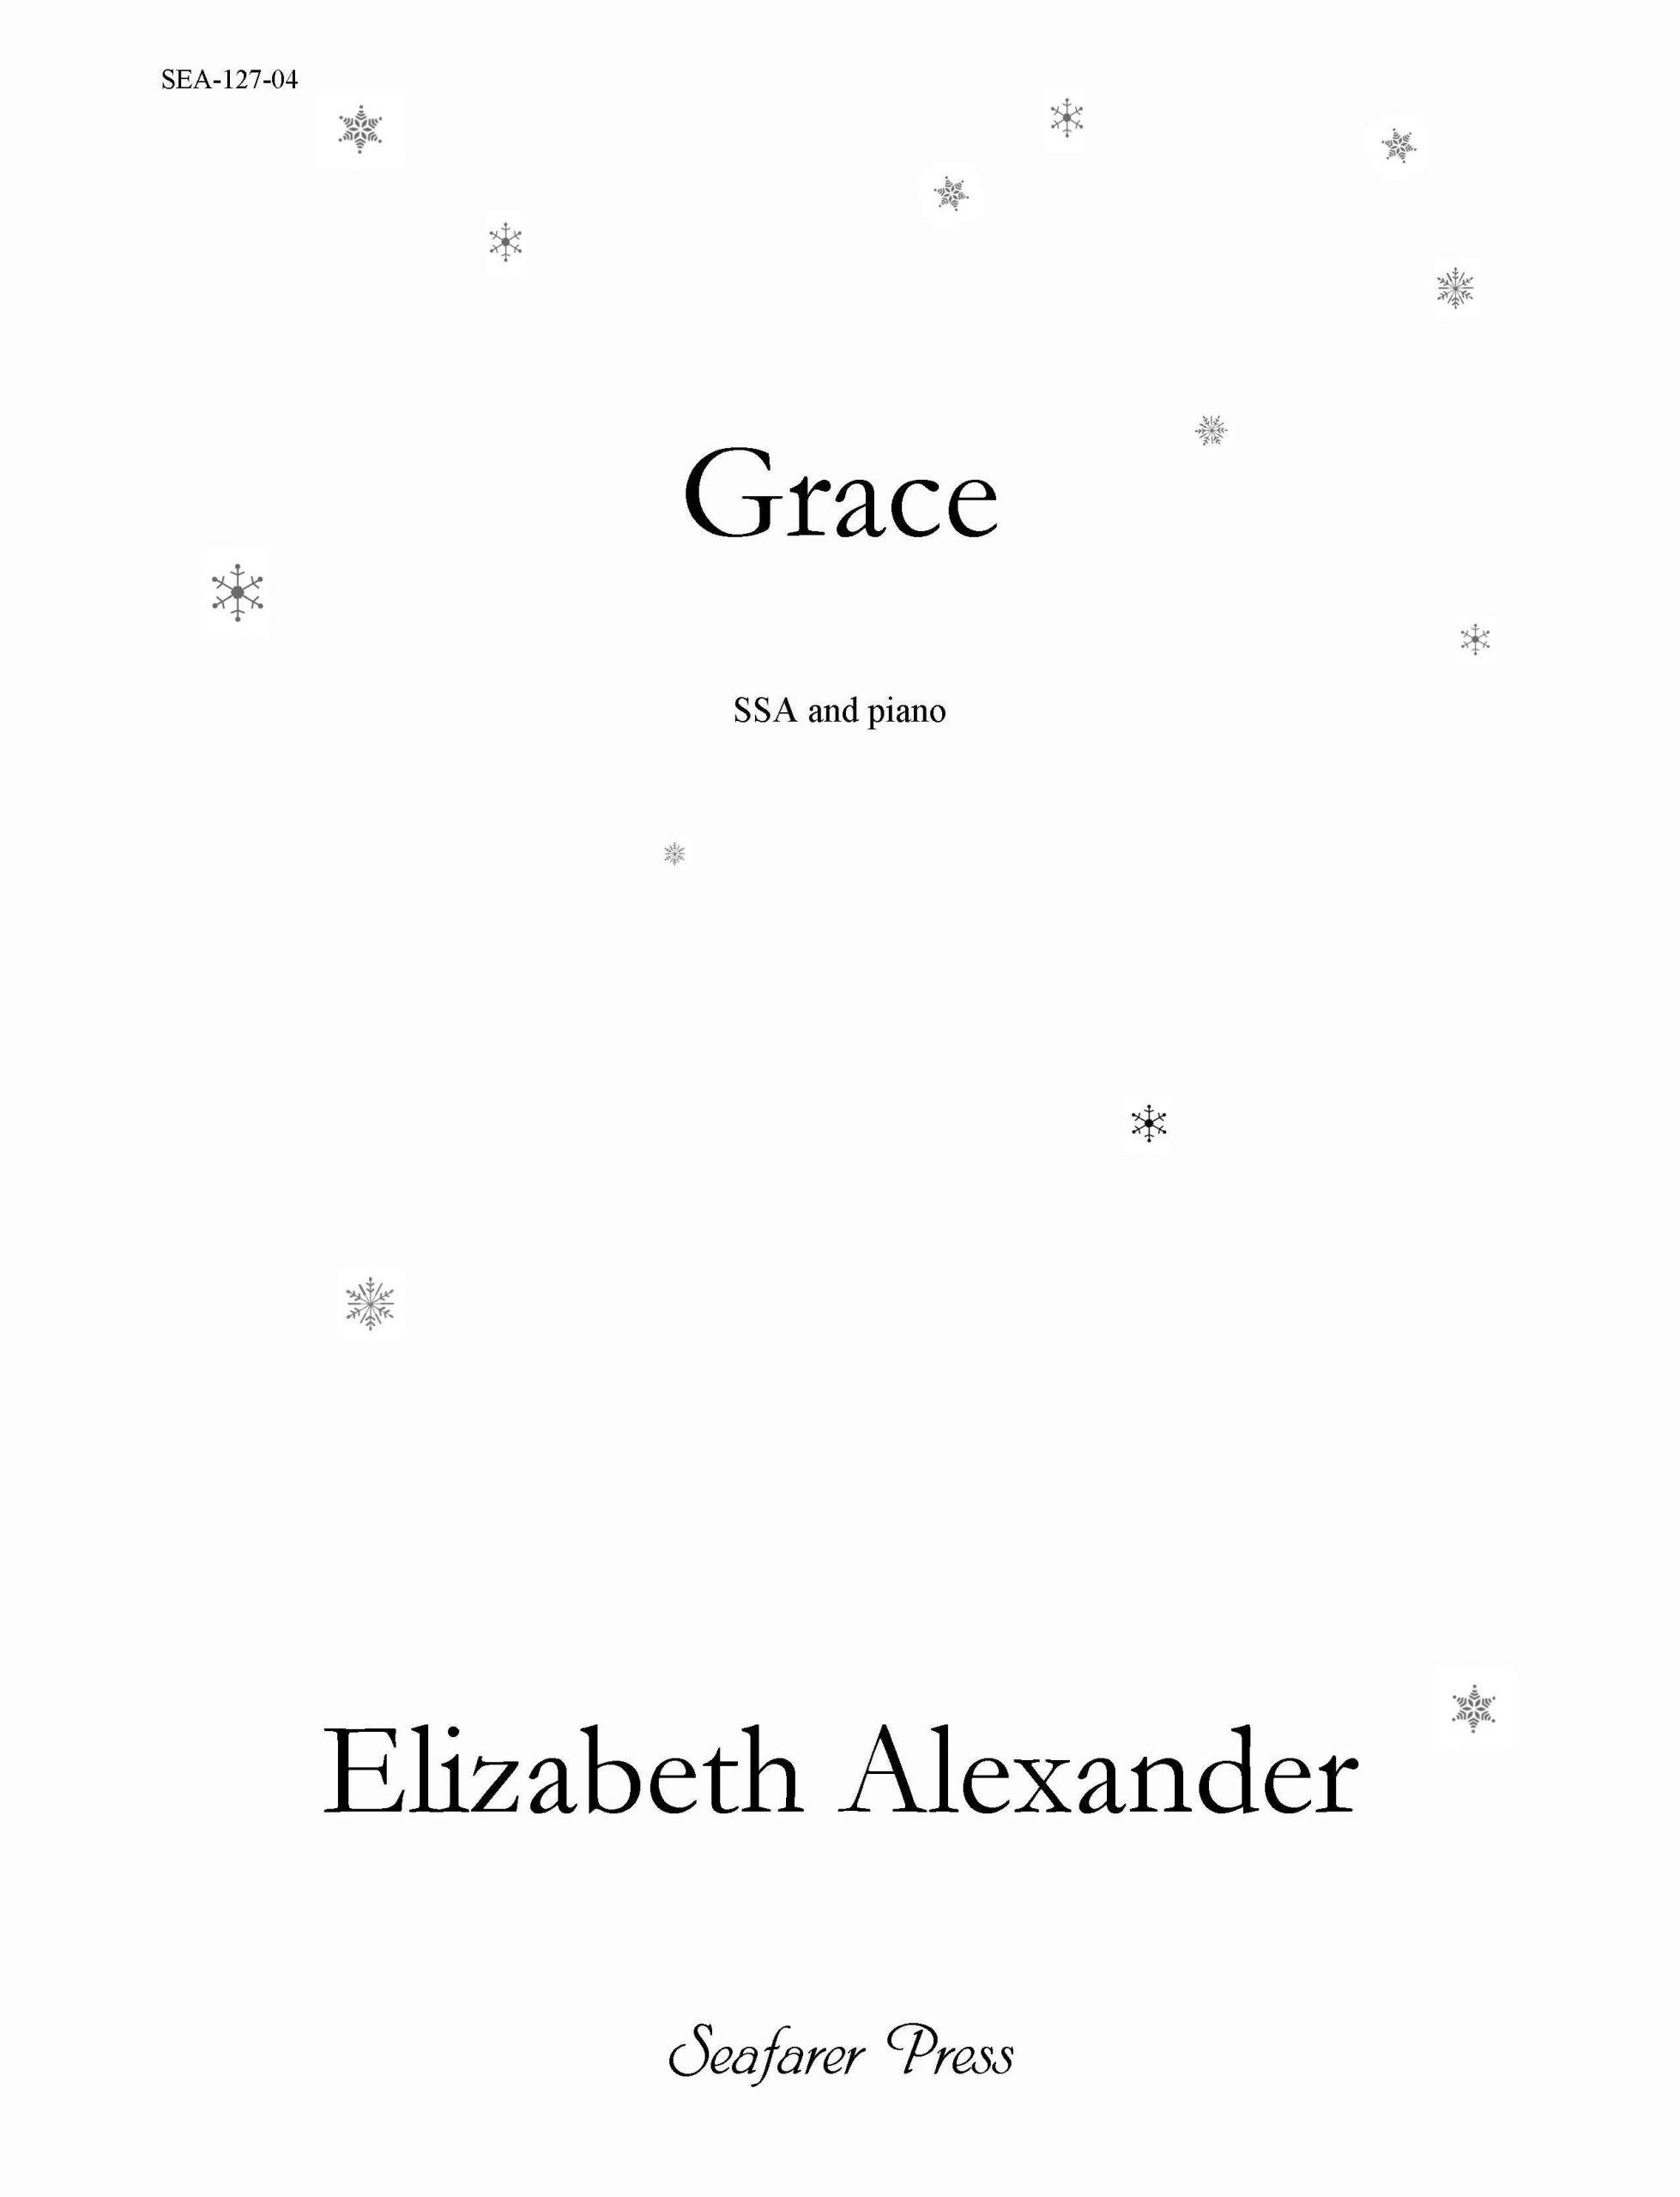 SEA-127-04 - Grace